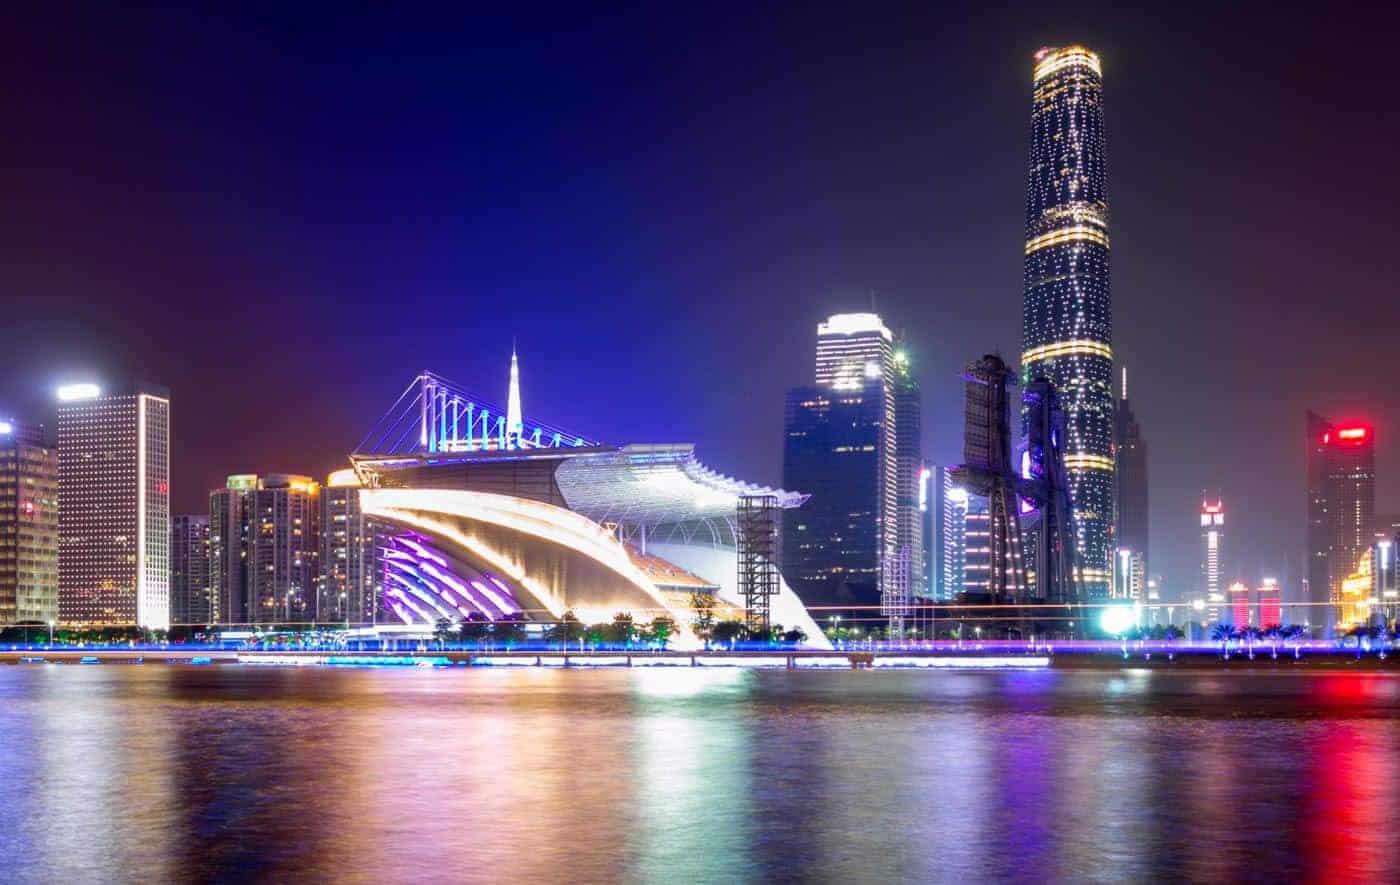 الذهاب من كوانزو الى هونج كونج(دولة الصين العظيمة)